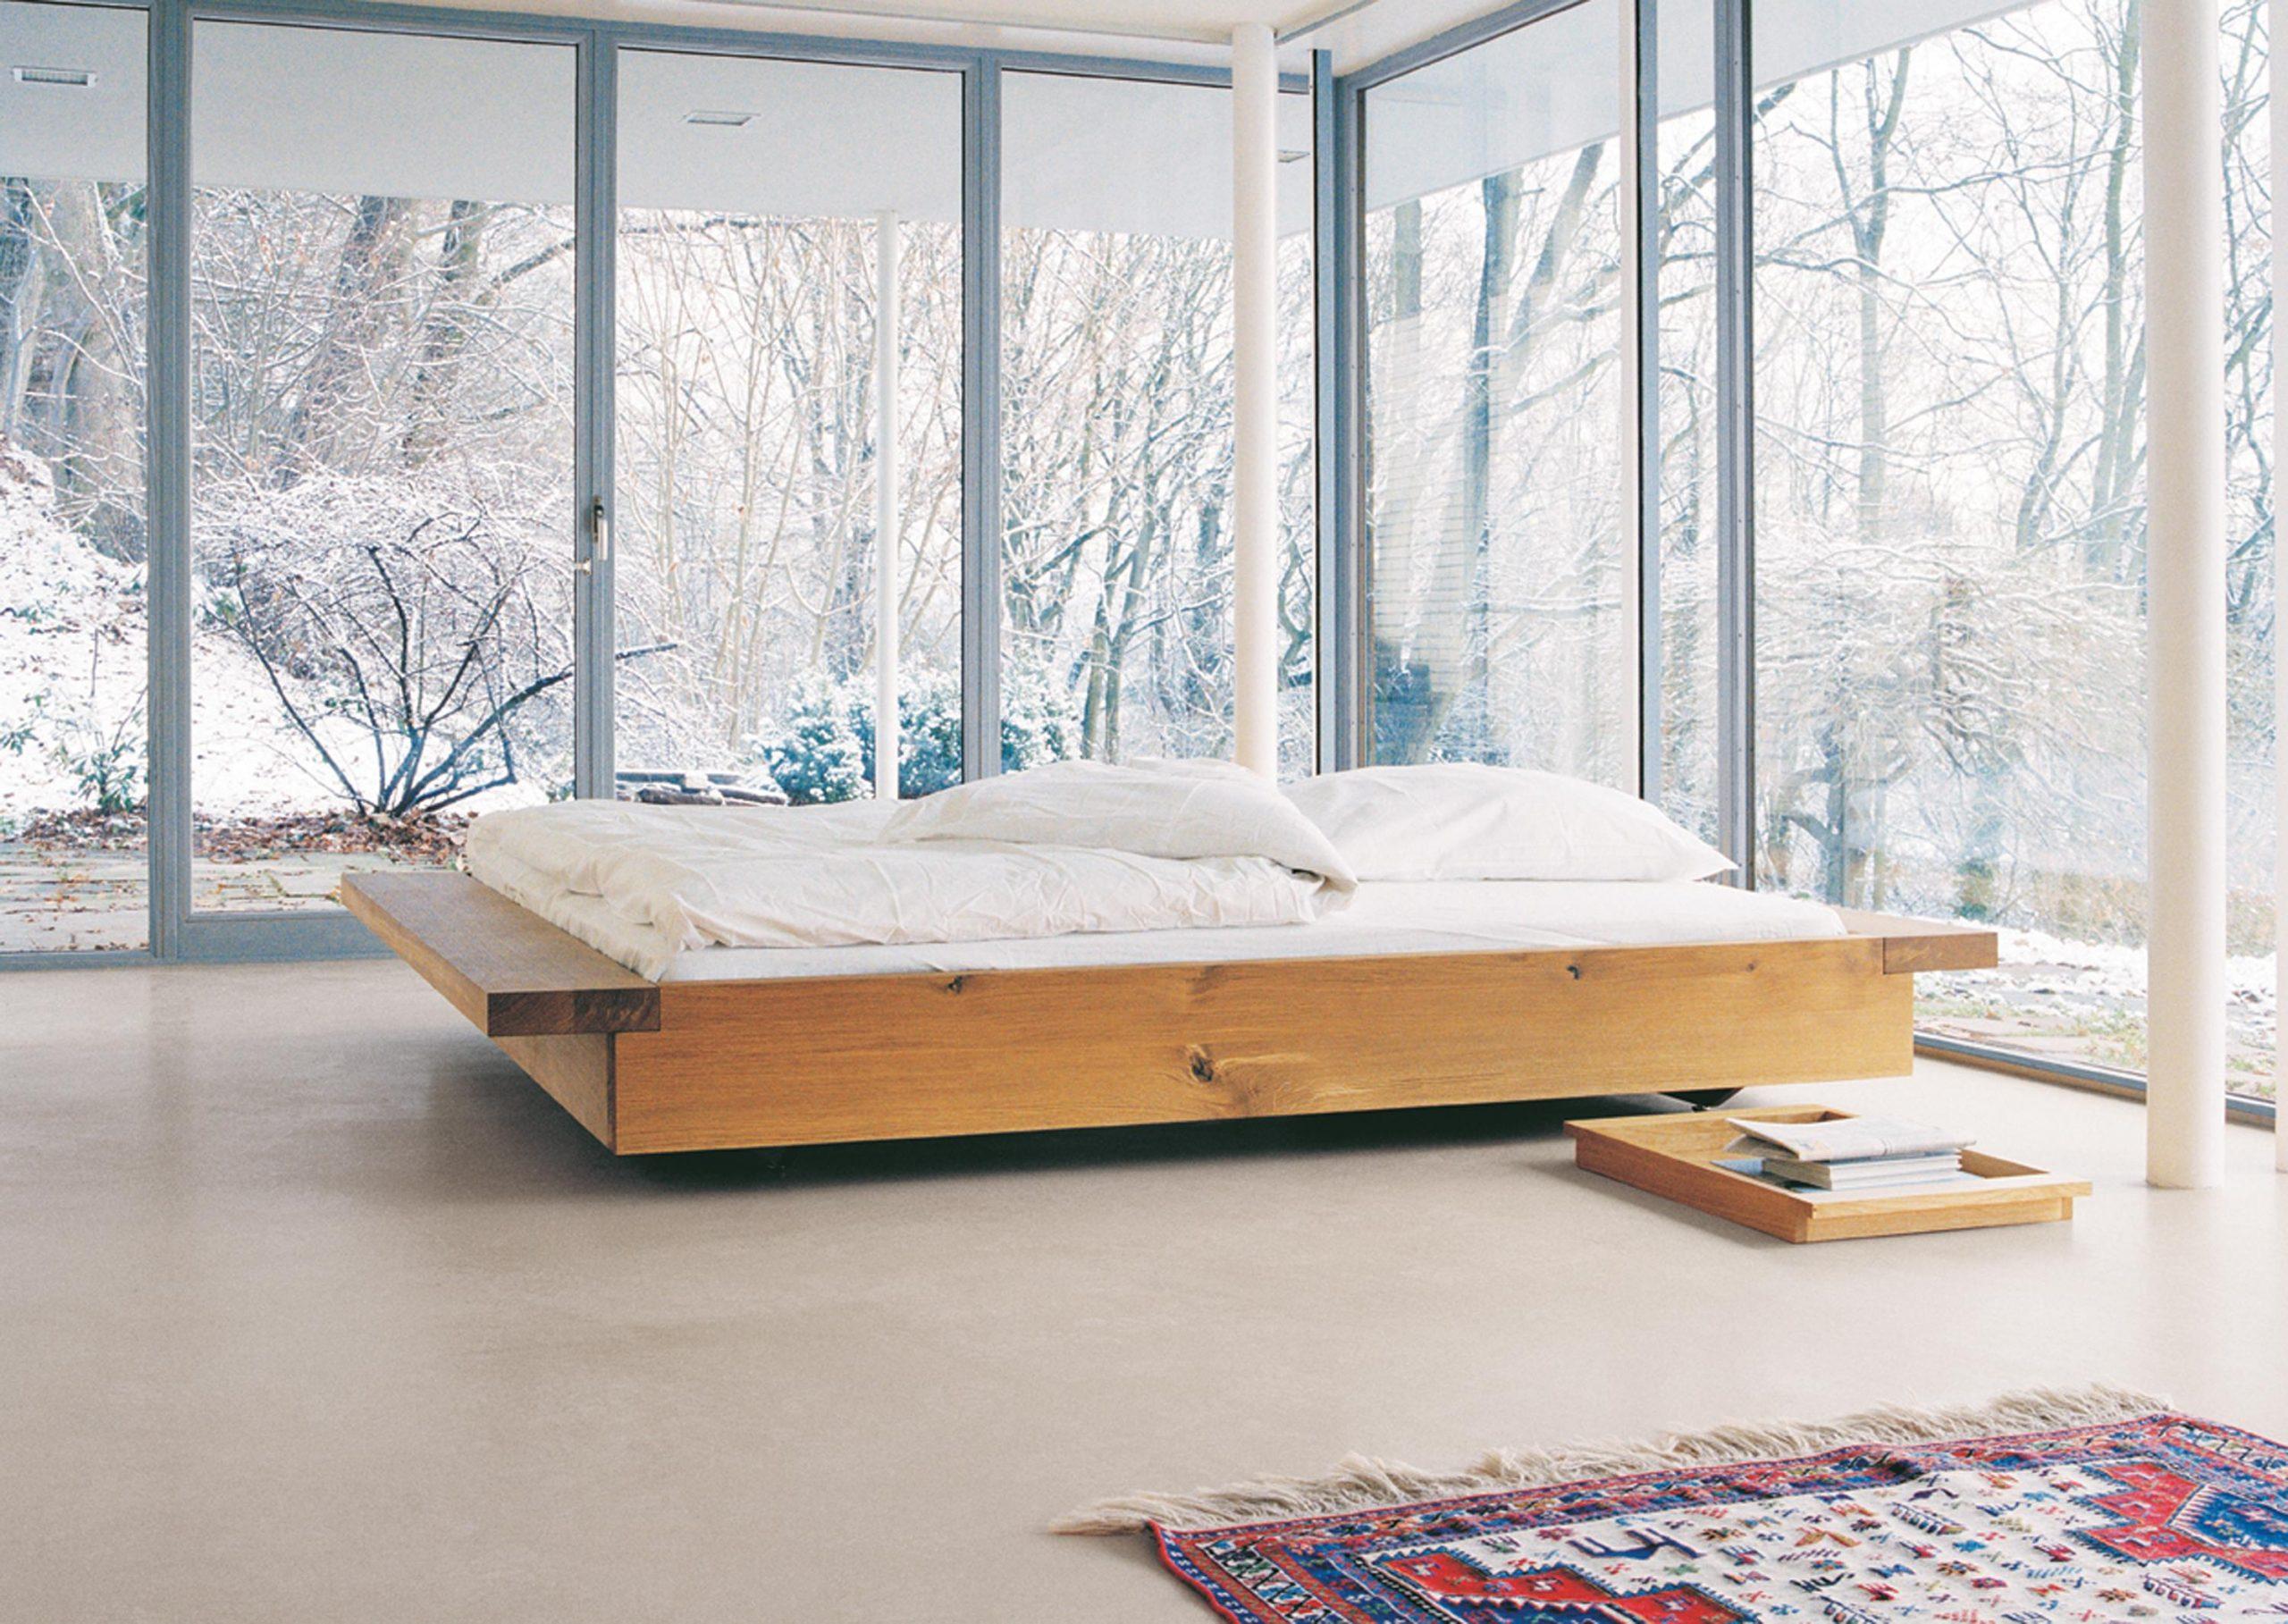 Full Size of Doppelbett Aus Holz Fensterfront Bett Teppich Be Landhaus 160 80x200 Jugendzimmer Betten Für übergewichtige Stauraum 200x200 Ottoversand Im Schrank Clinique Bett Bett Minimalistisch